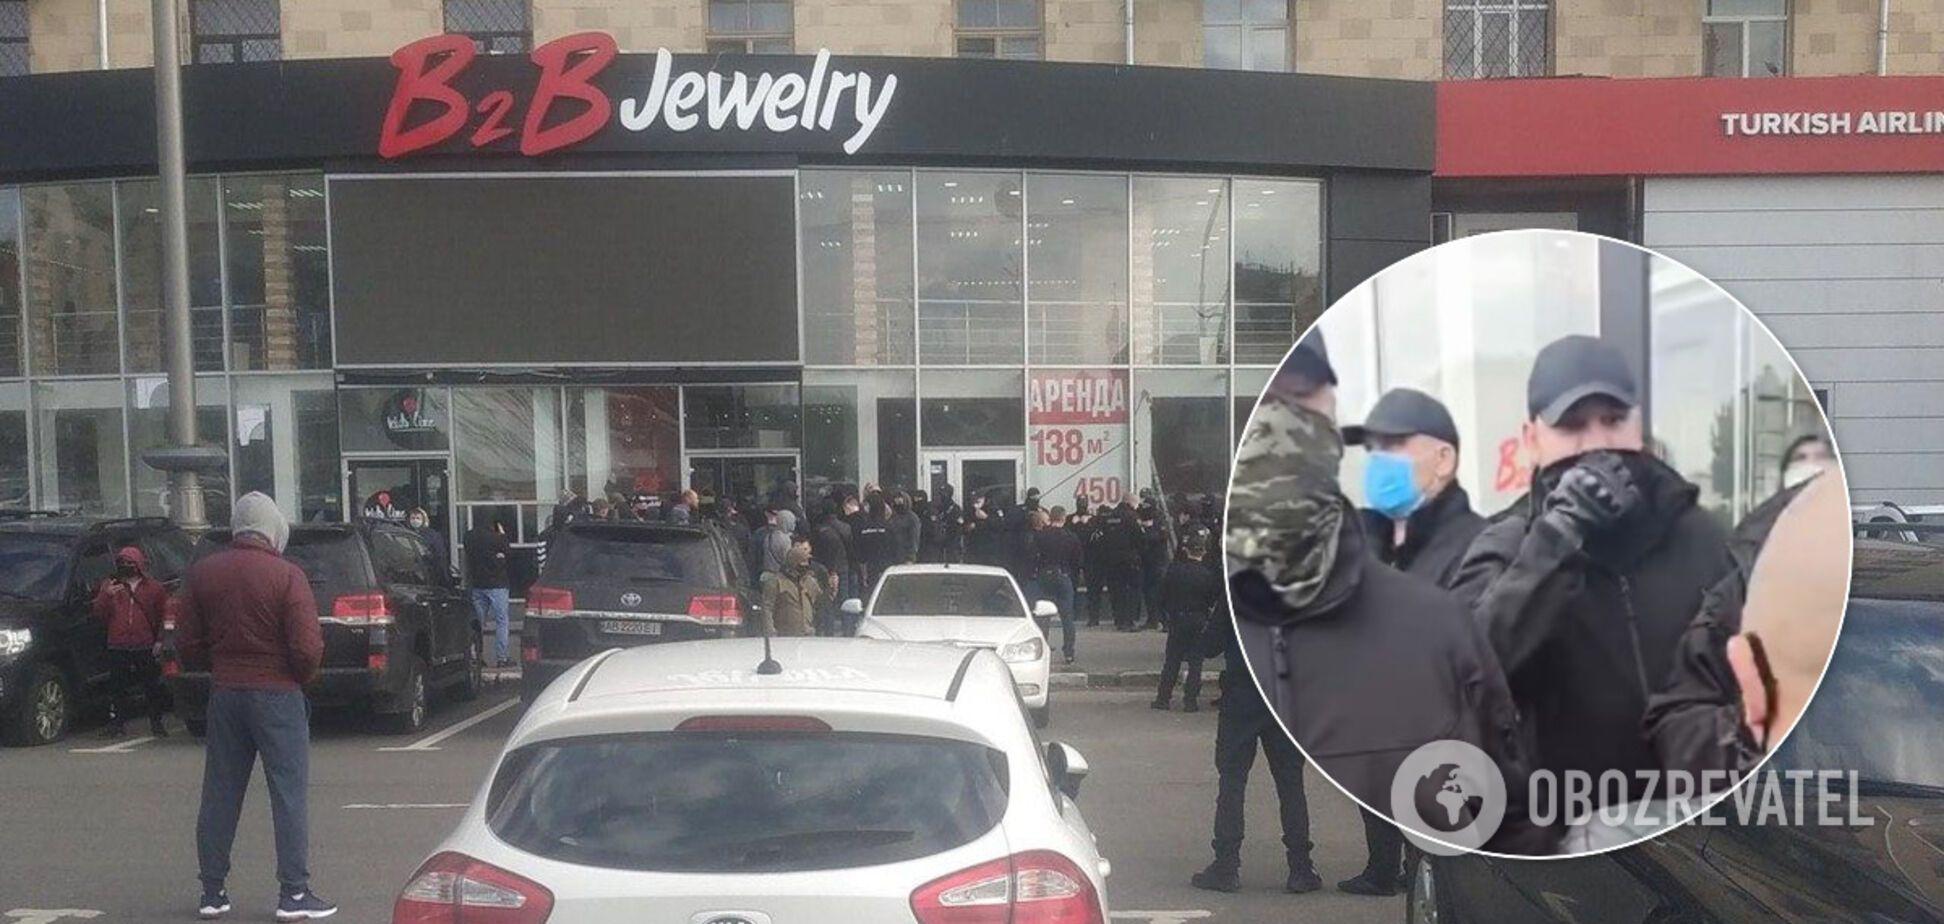 'Фінансова піраміда' B2B Jewelry перестала виплачувати гроші: вкладники Харкова помстилися. Відео